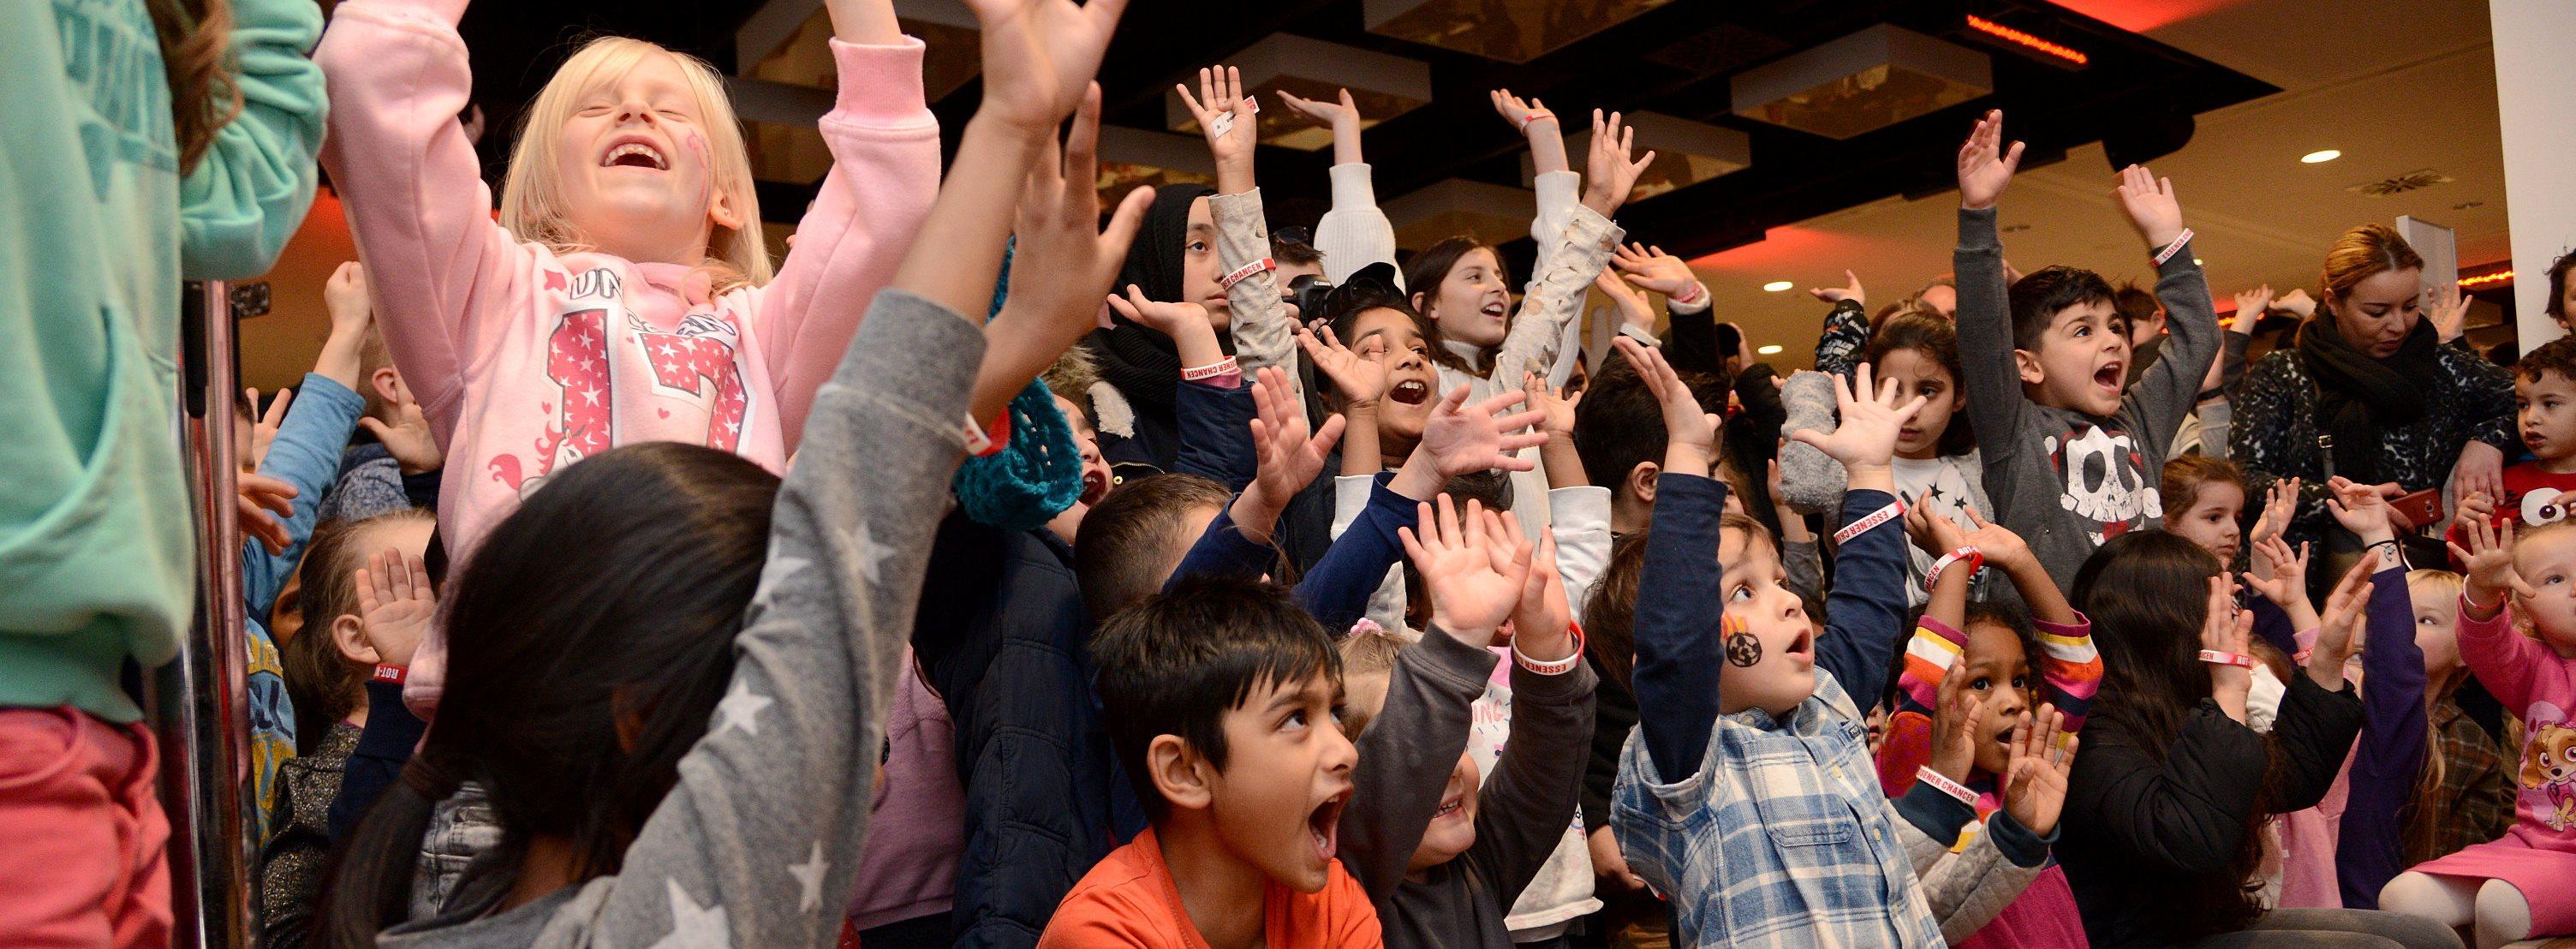 La-Ola-Welle ist Pflicht: Die Kinder feiern gemeinsam die größte Bescherung in Essen. (Fotos: Müller/EC)